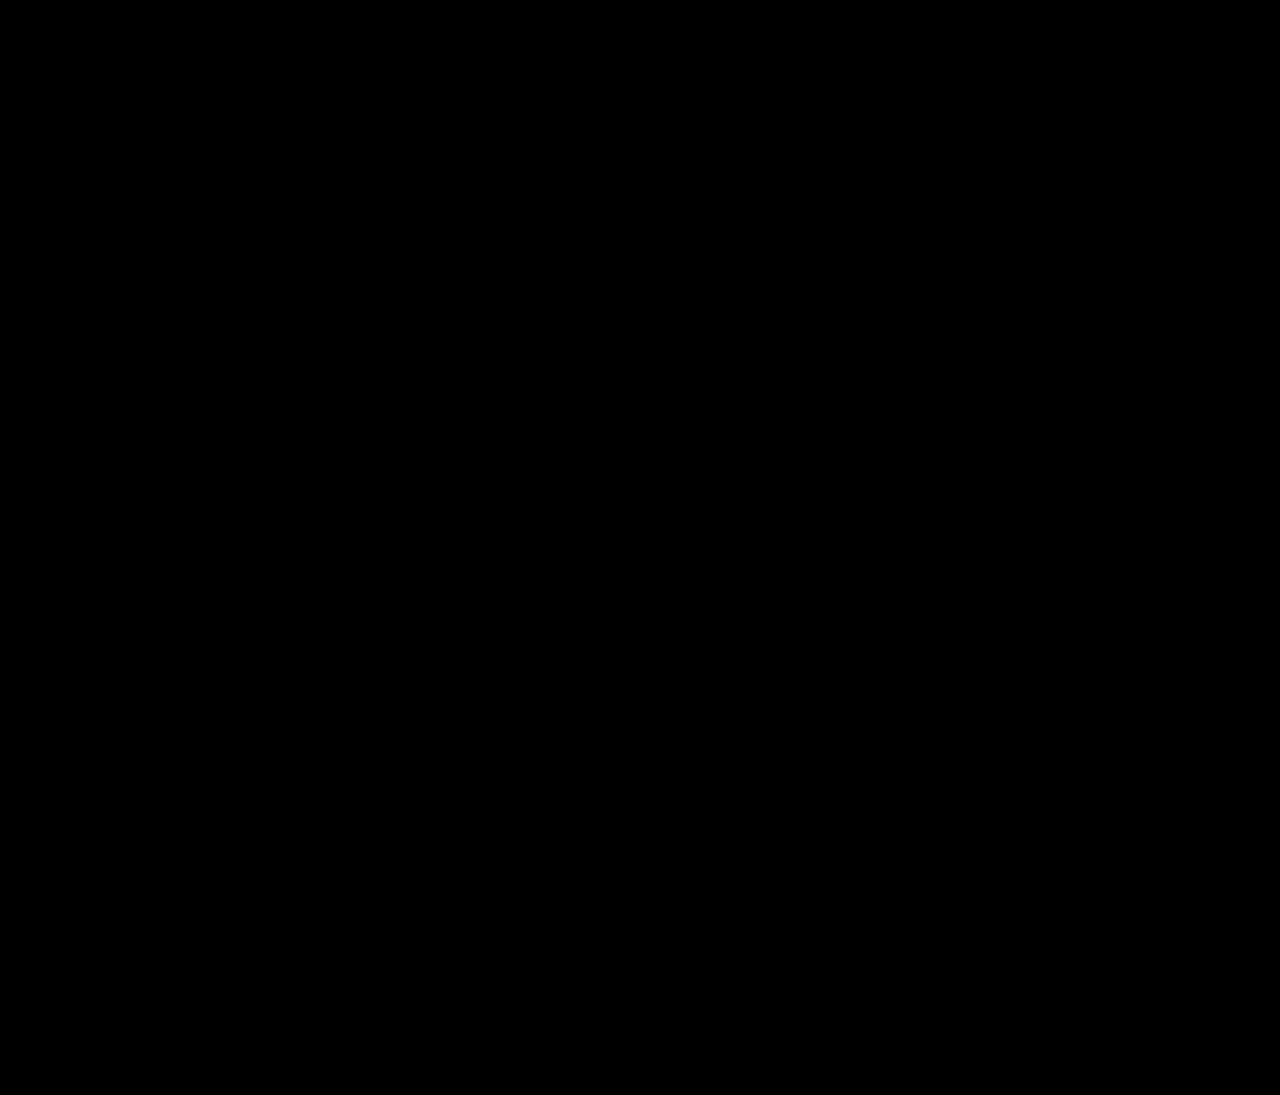 Juventus Logo PNG Image - PurePNG